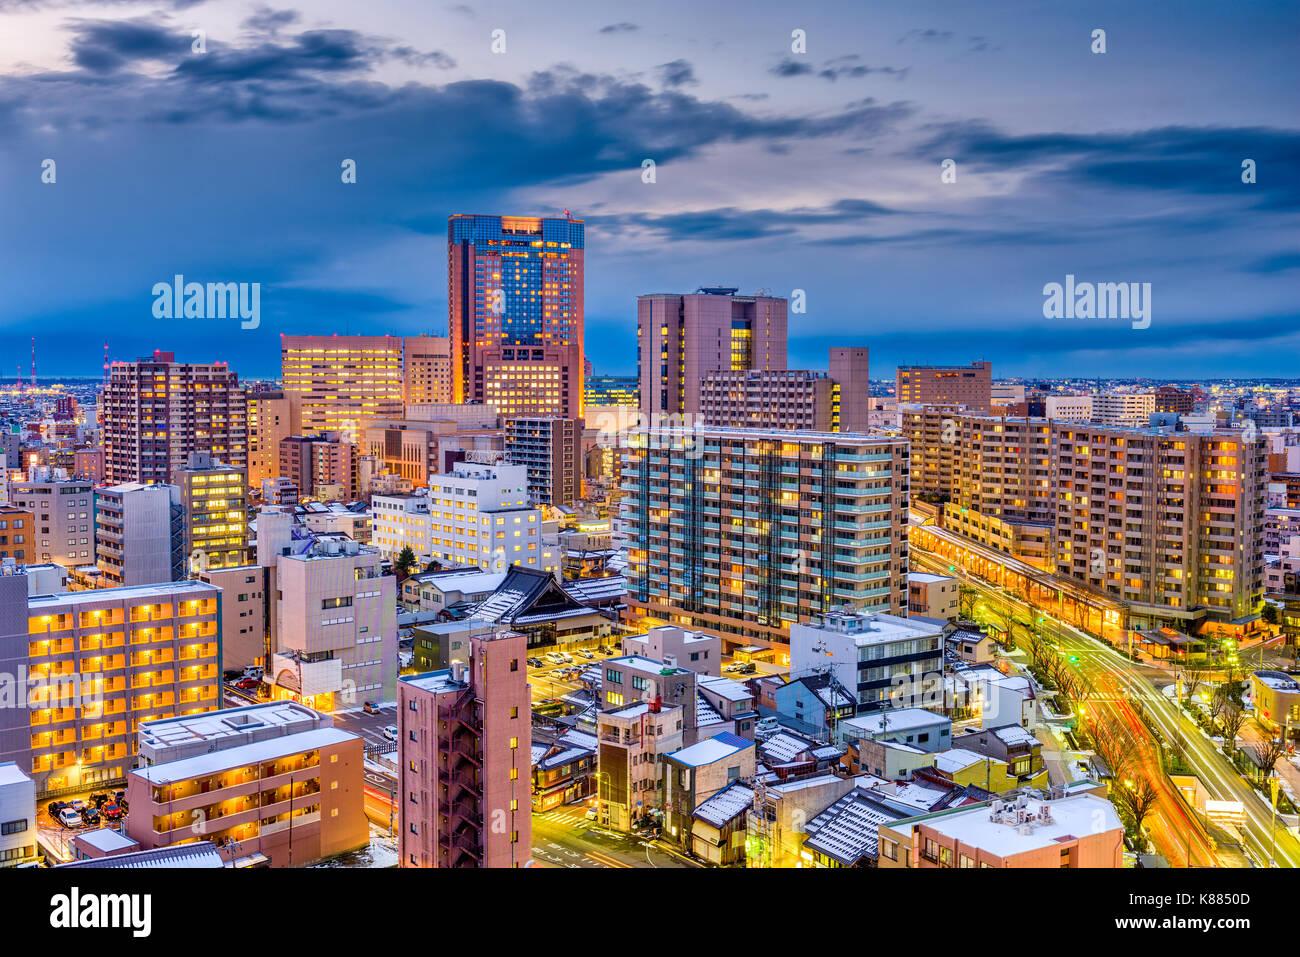 Kanazawa, Japón skyline al atardecer. Imagen De Stock